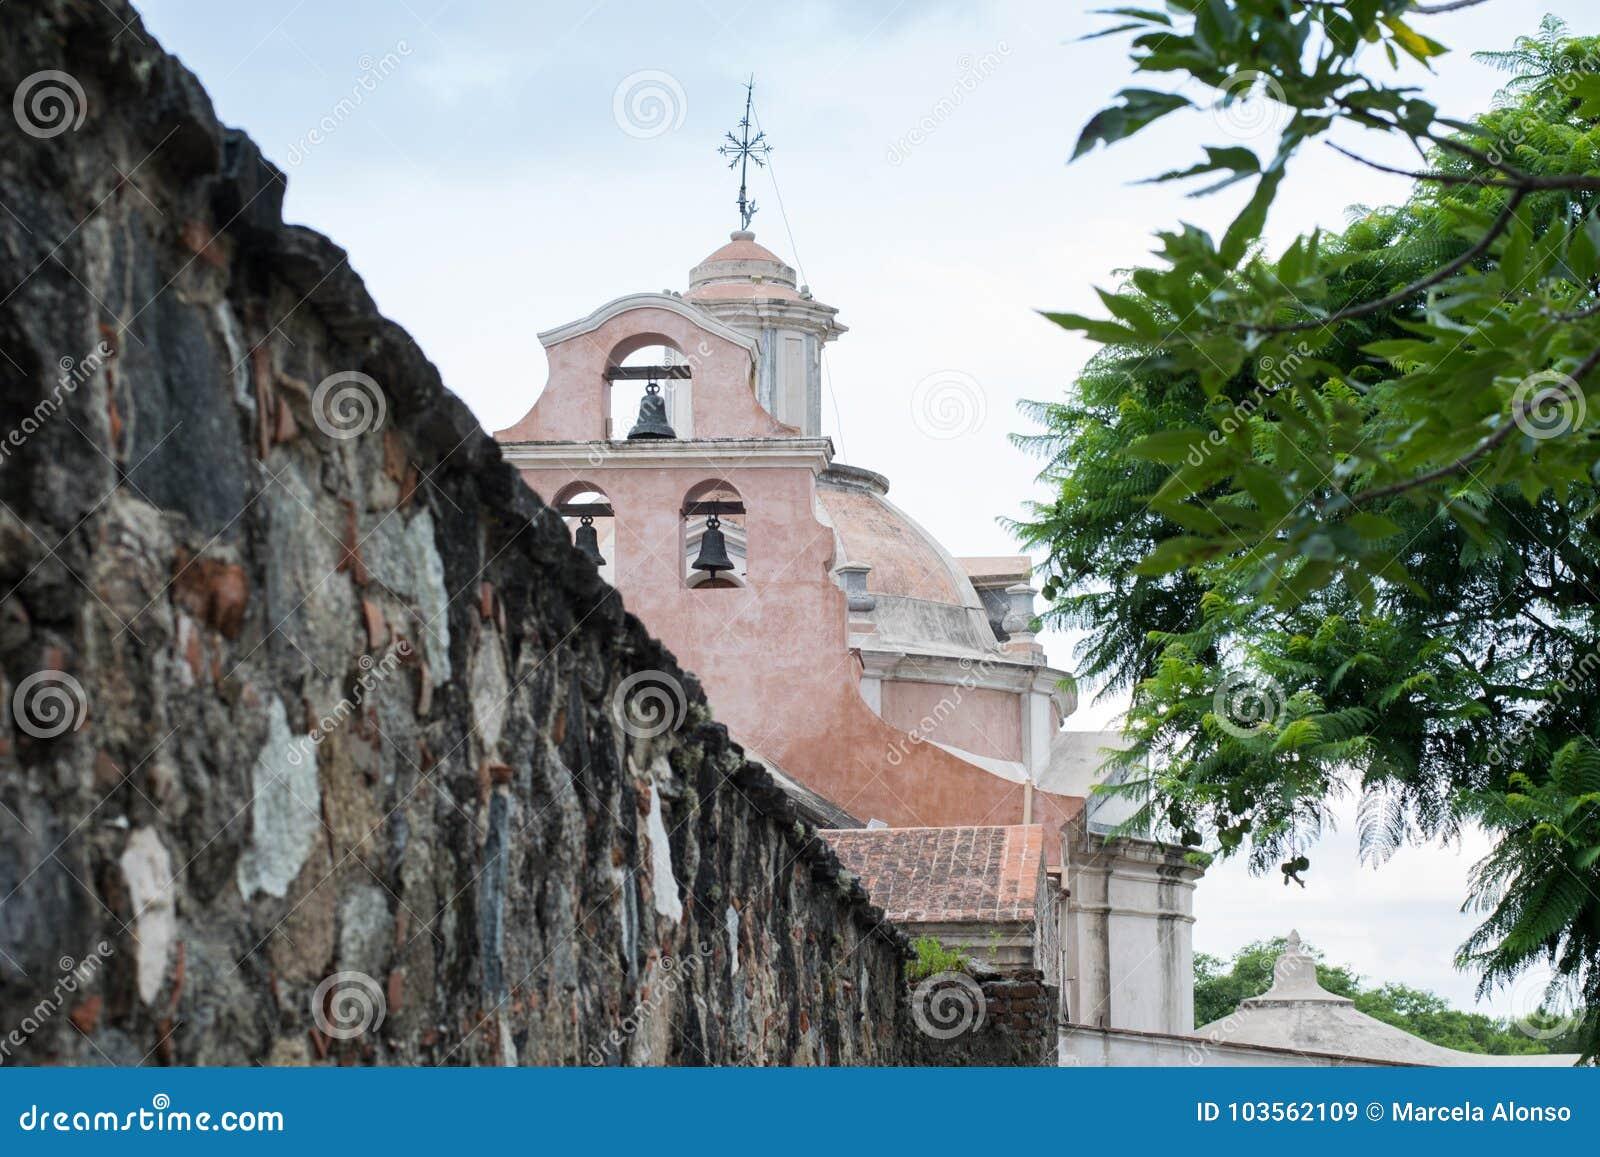 阴险的人建筑学,世界遗产名录,教会,博物馆亚尔他Gracia